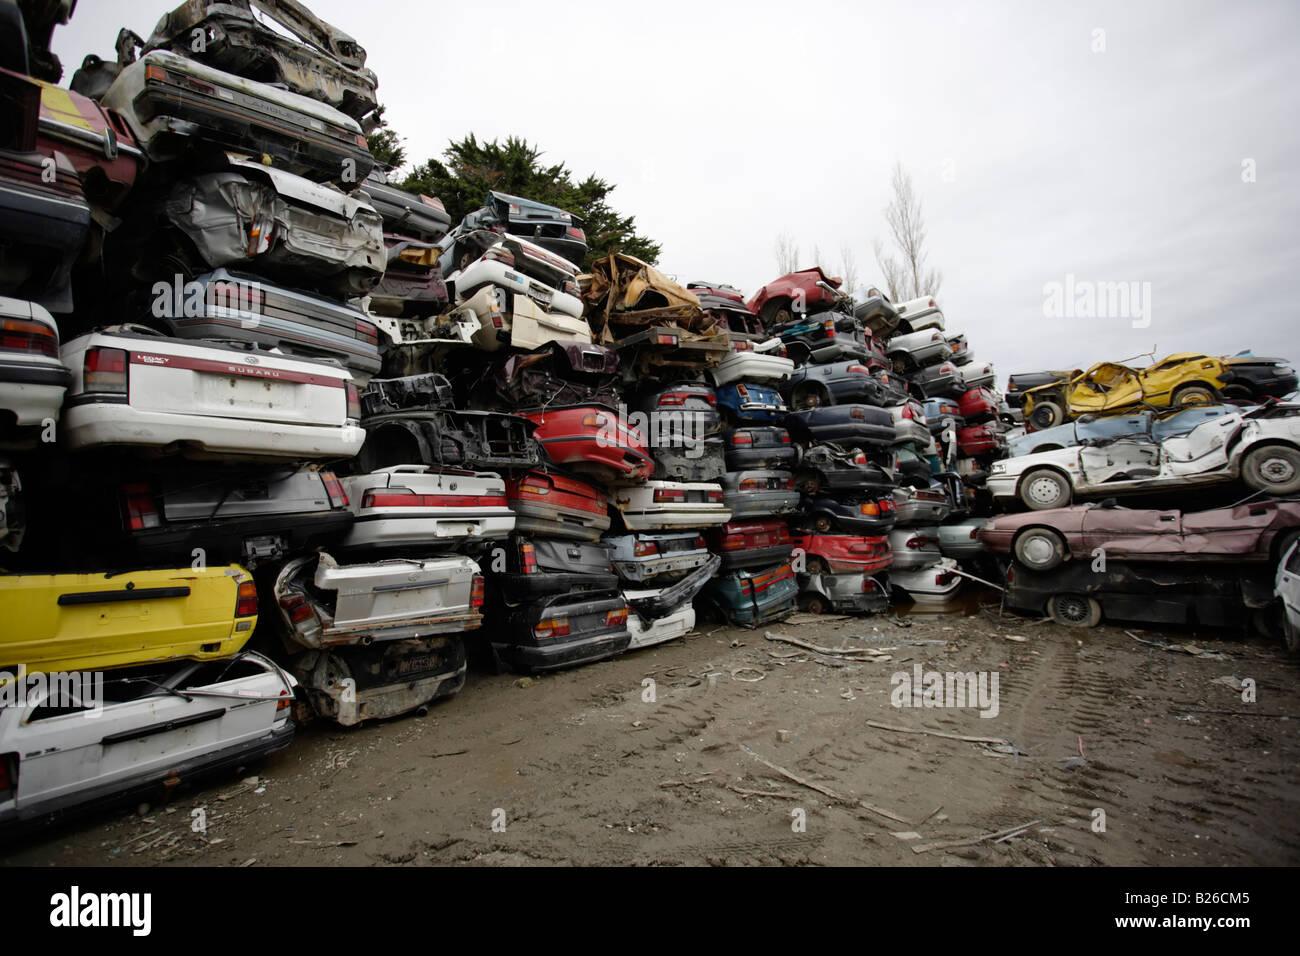 Scrap Car Breakers Yard Stock Photos & Scrap Car Breakers Yard Stock ...